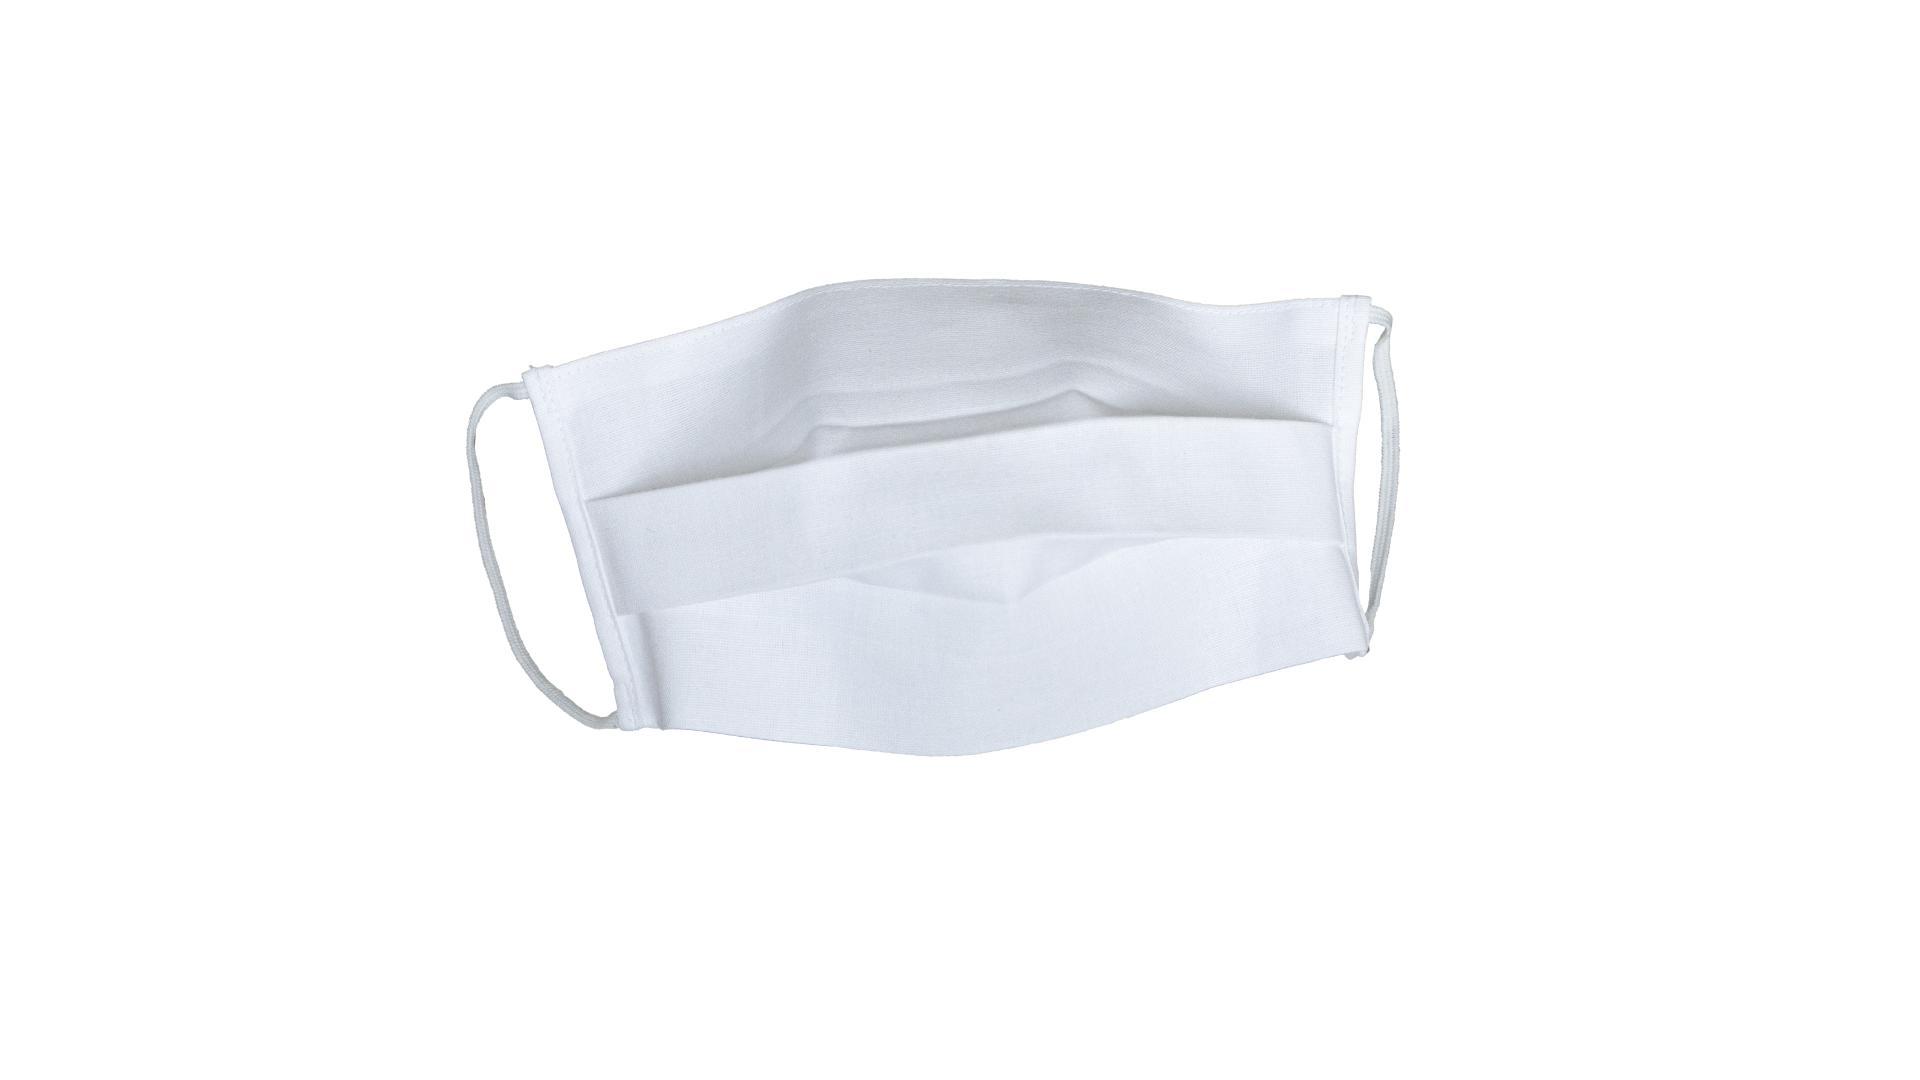 4CARS Dvojvrstvové ochranné bavlnené rúško biele  s gumičkou 1ks - väčšie